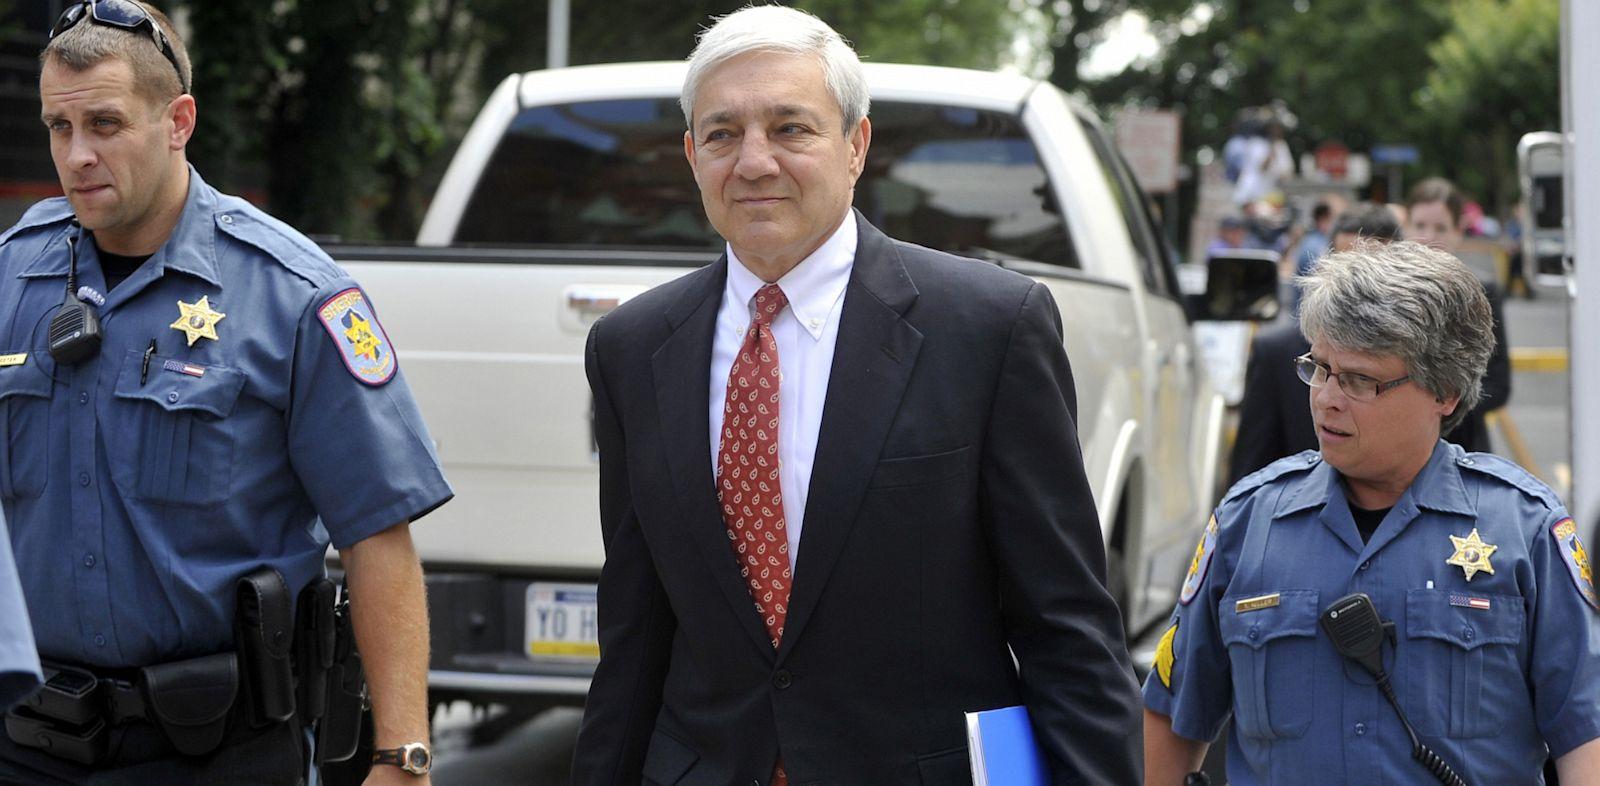 PHOTO: Former Penn State president Graham Spanier